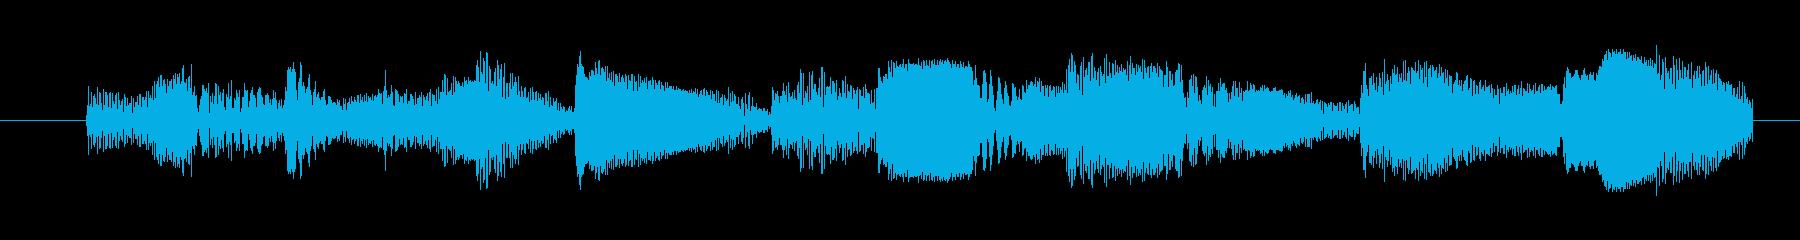 素材 合成ヘクティックベル01の再生済みの波形